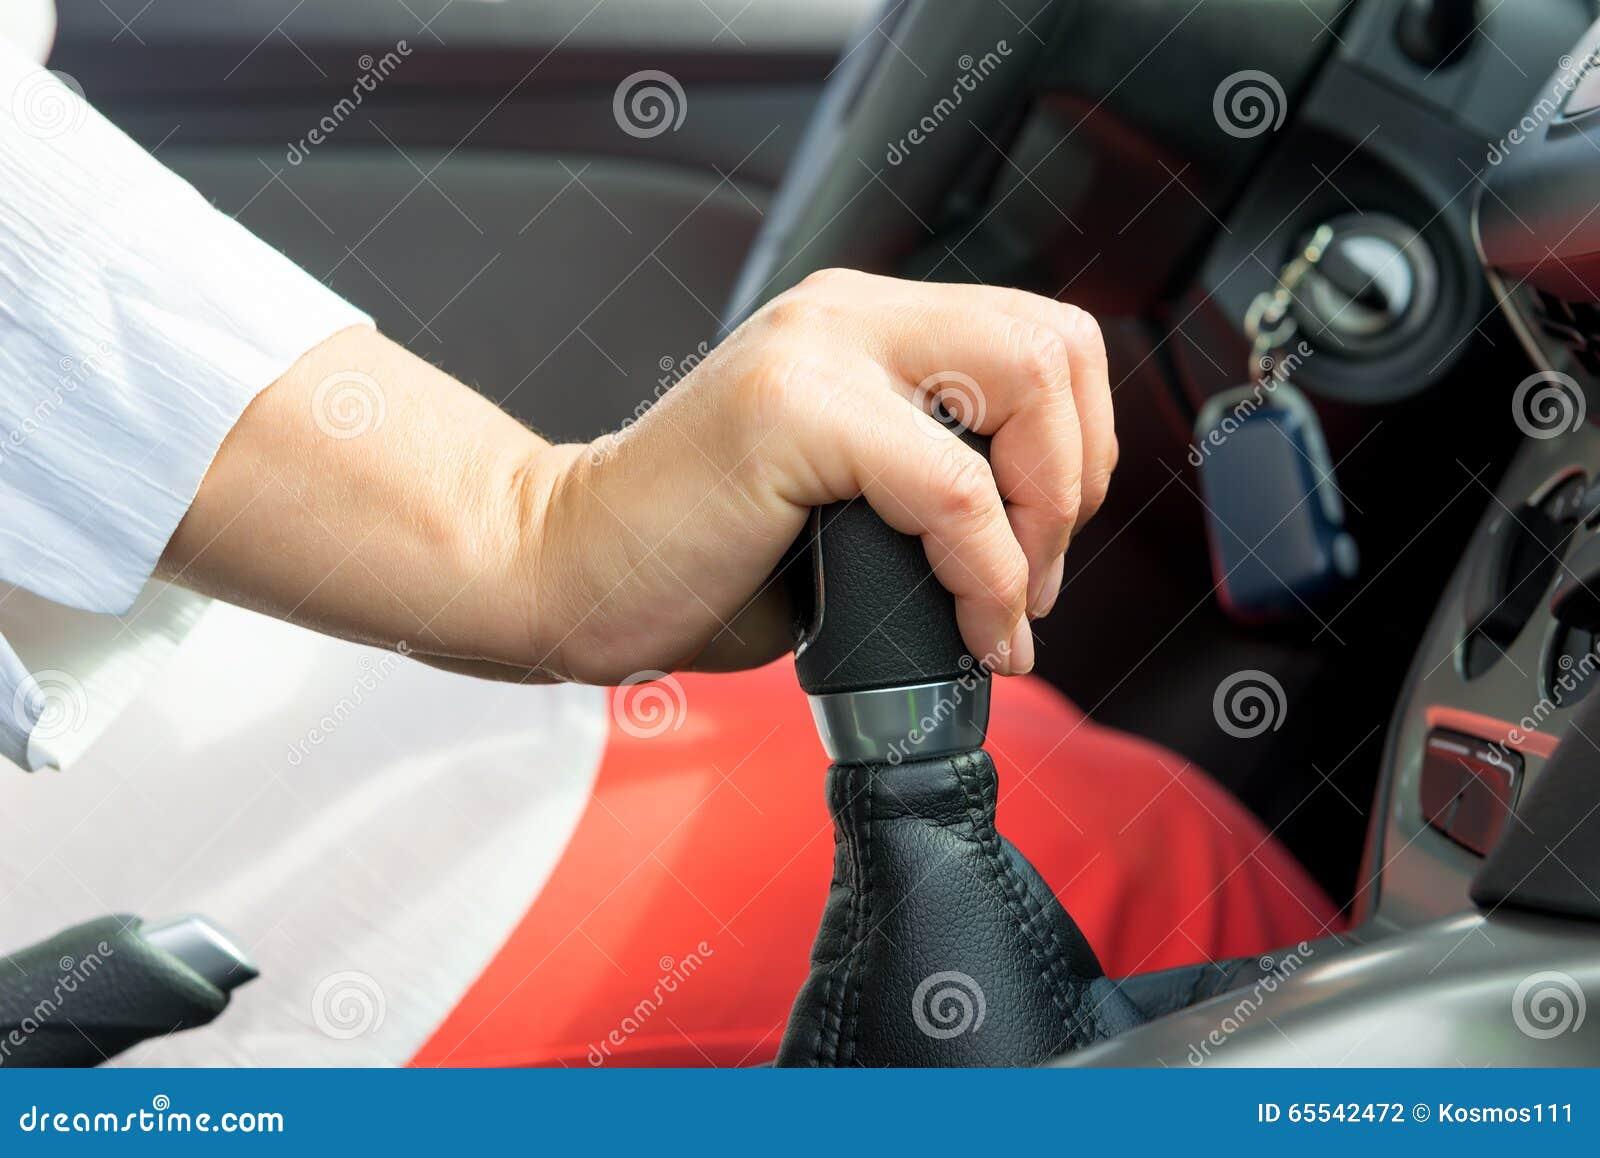 Kobiety ręka trzymający zmianową dźwignię w samochodzie